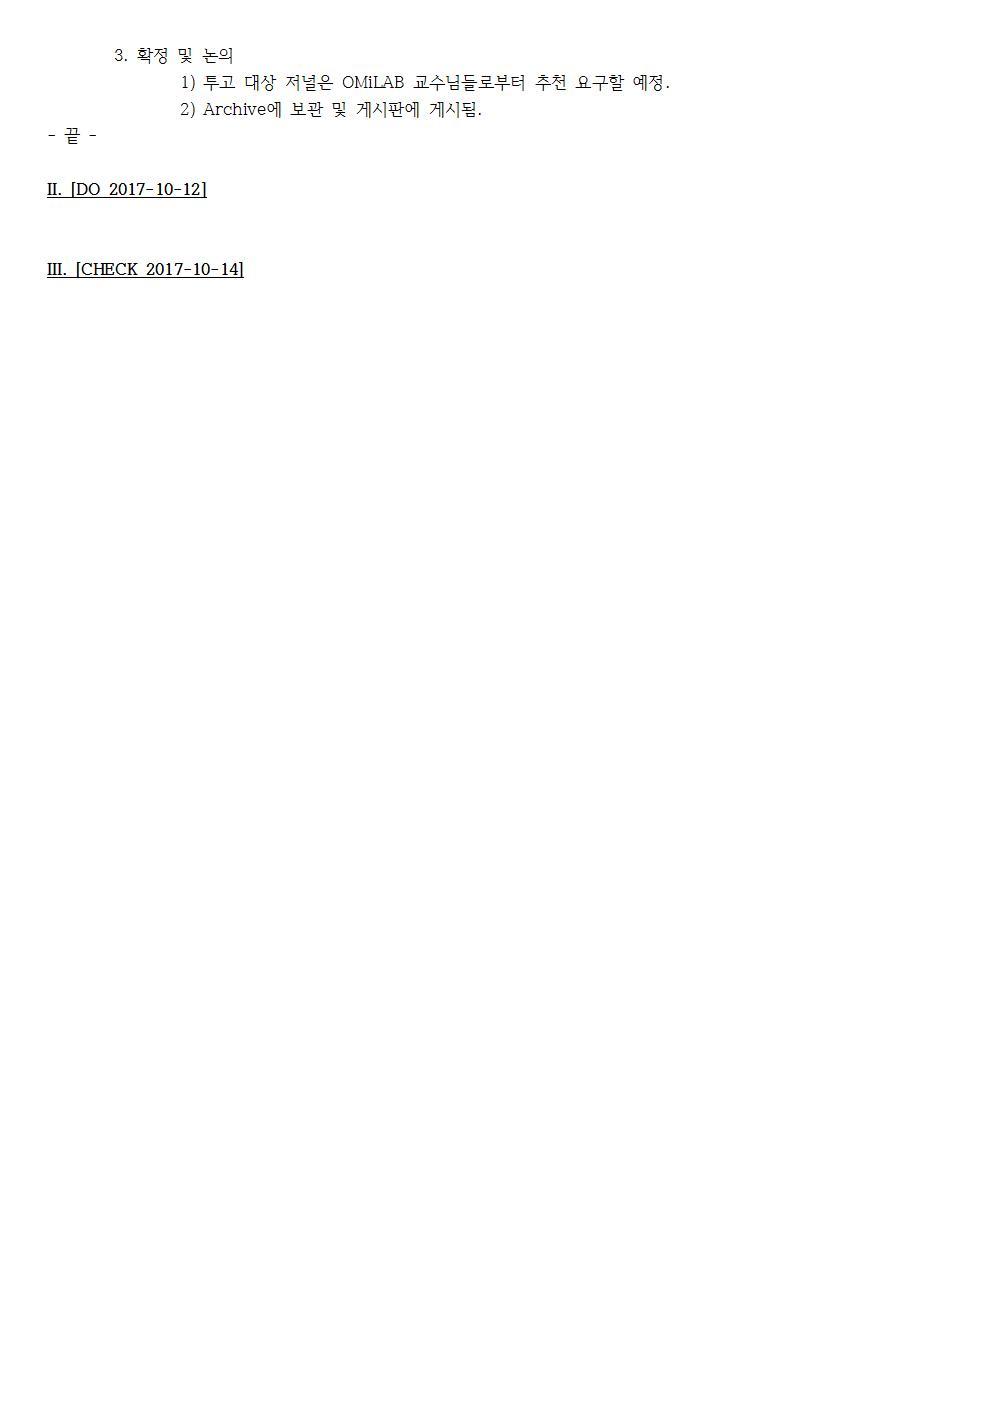 D-[17-089-PP-15]-[Bahevior Ontology Paper]-[JS]-[2017-10-10]002.jpg